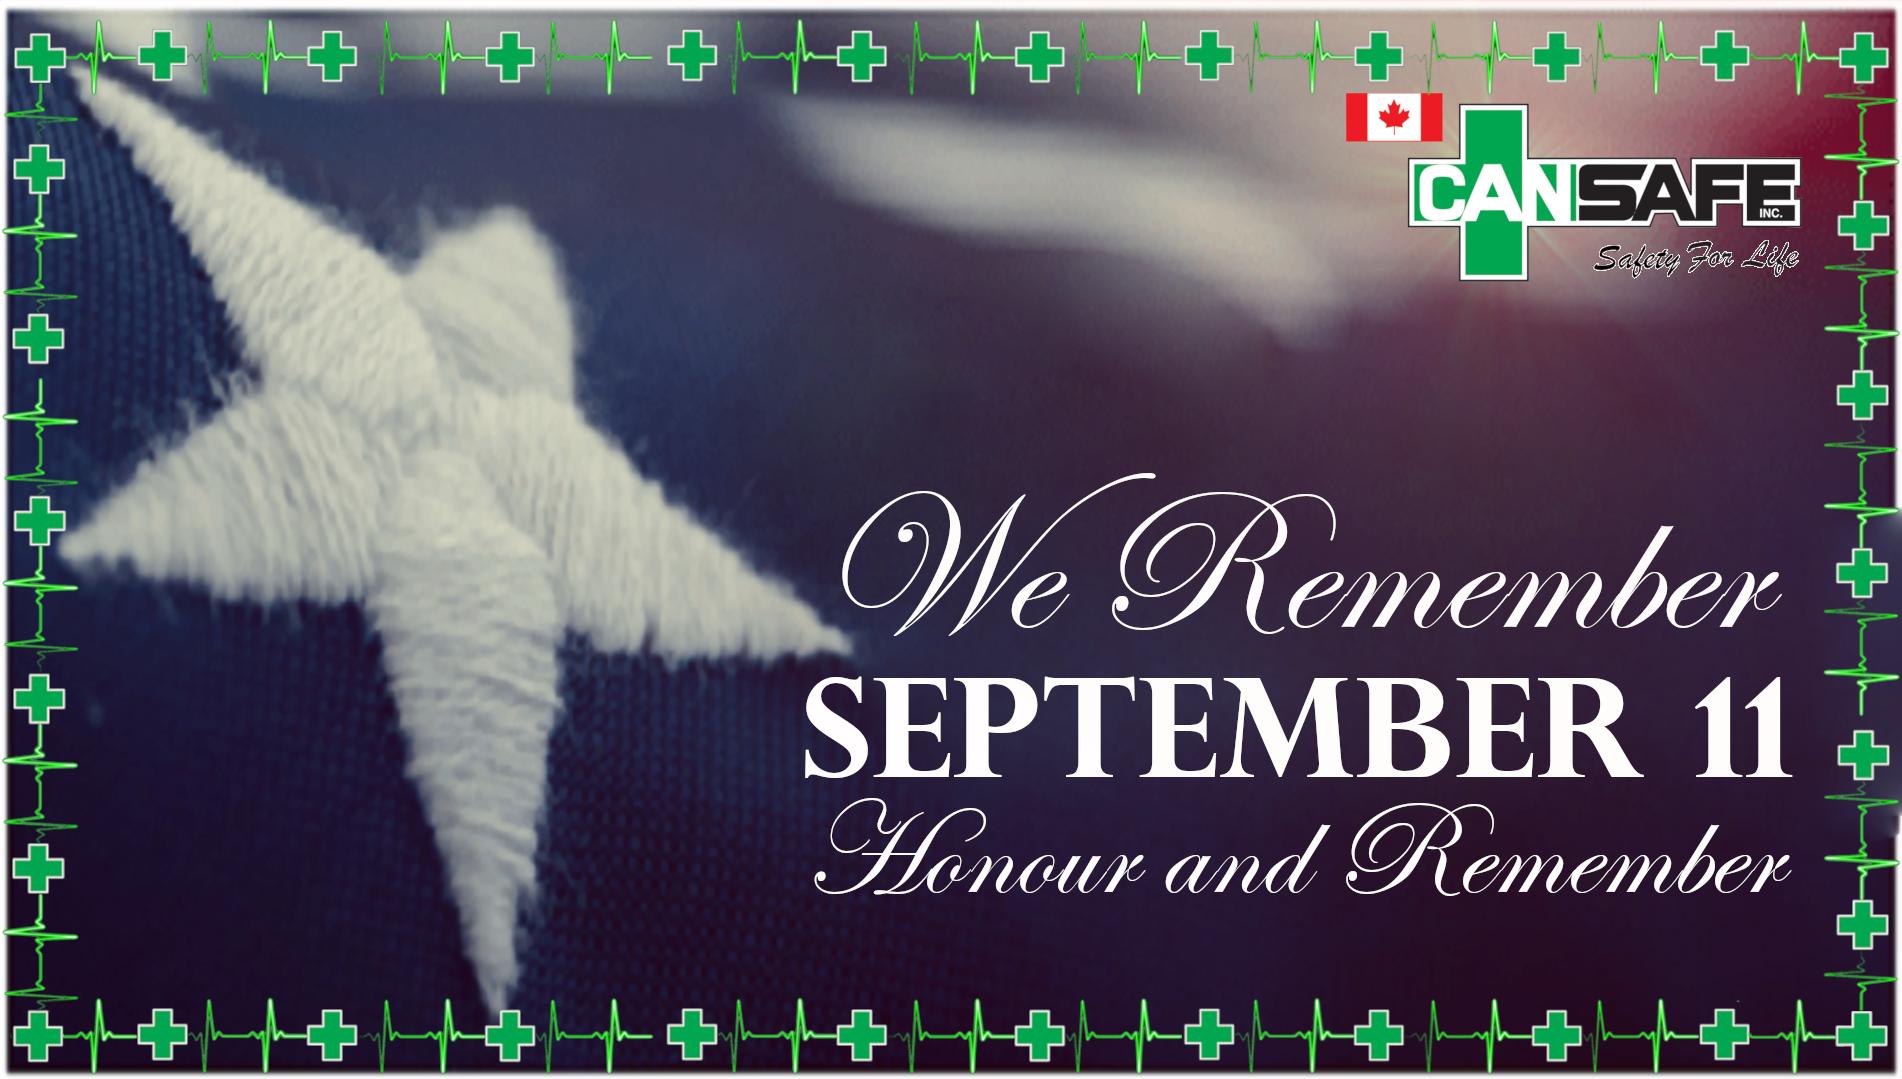 Remembering September 11th 2001